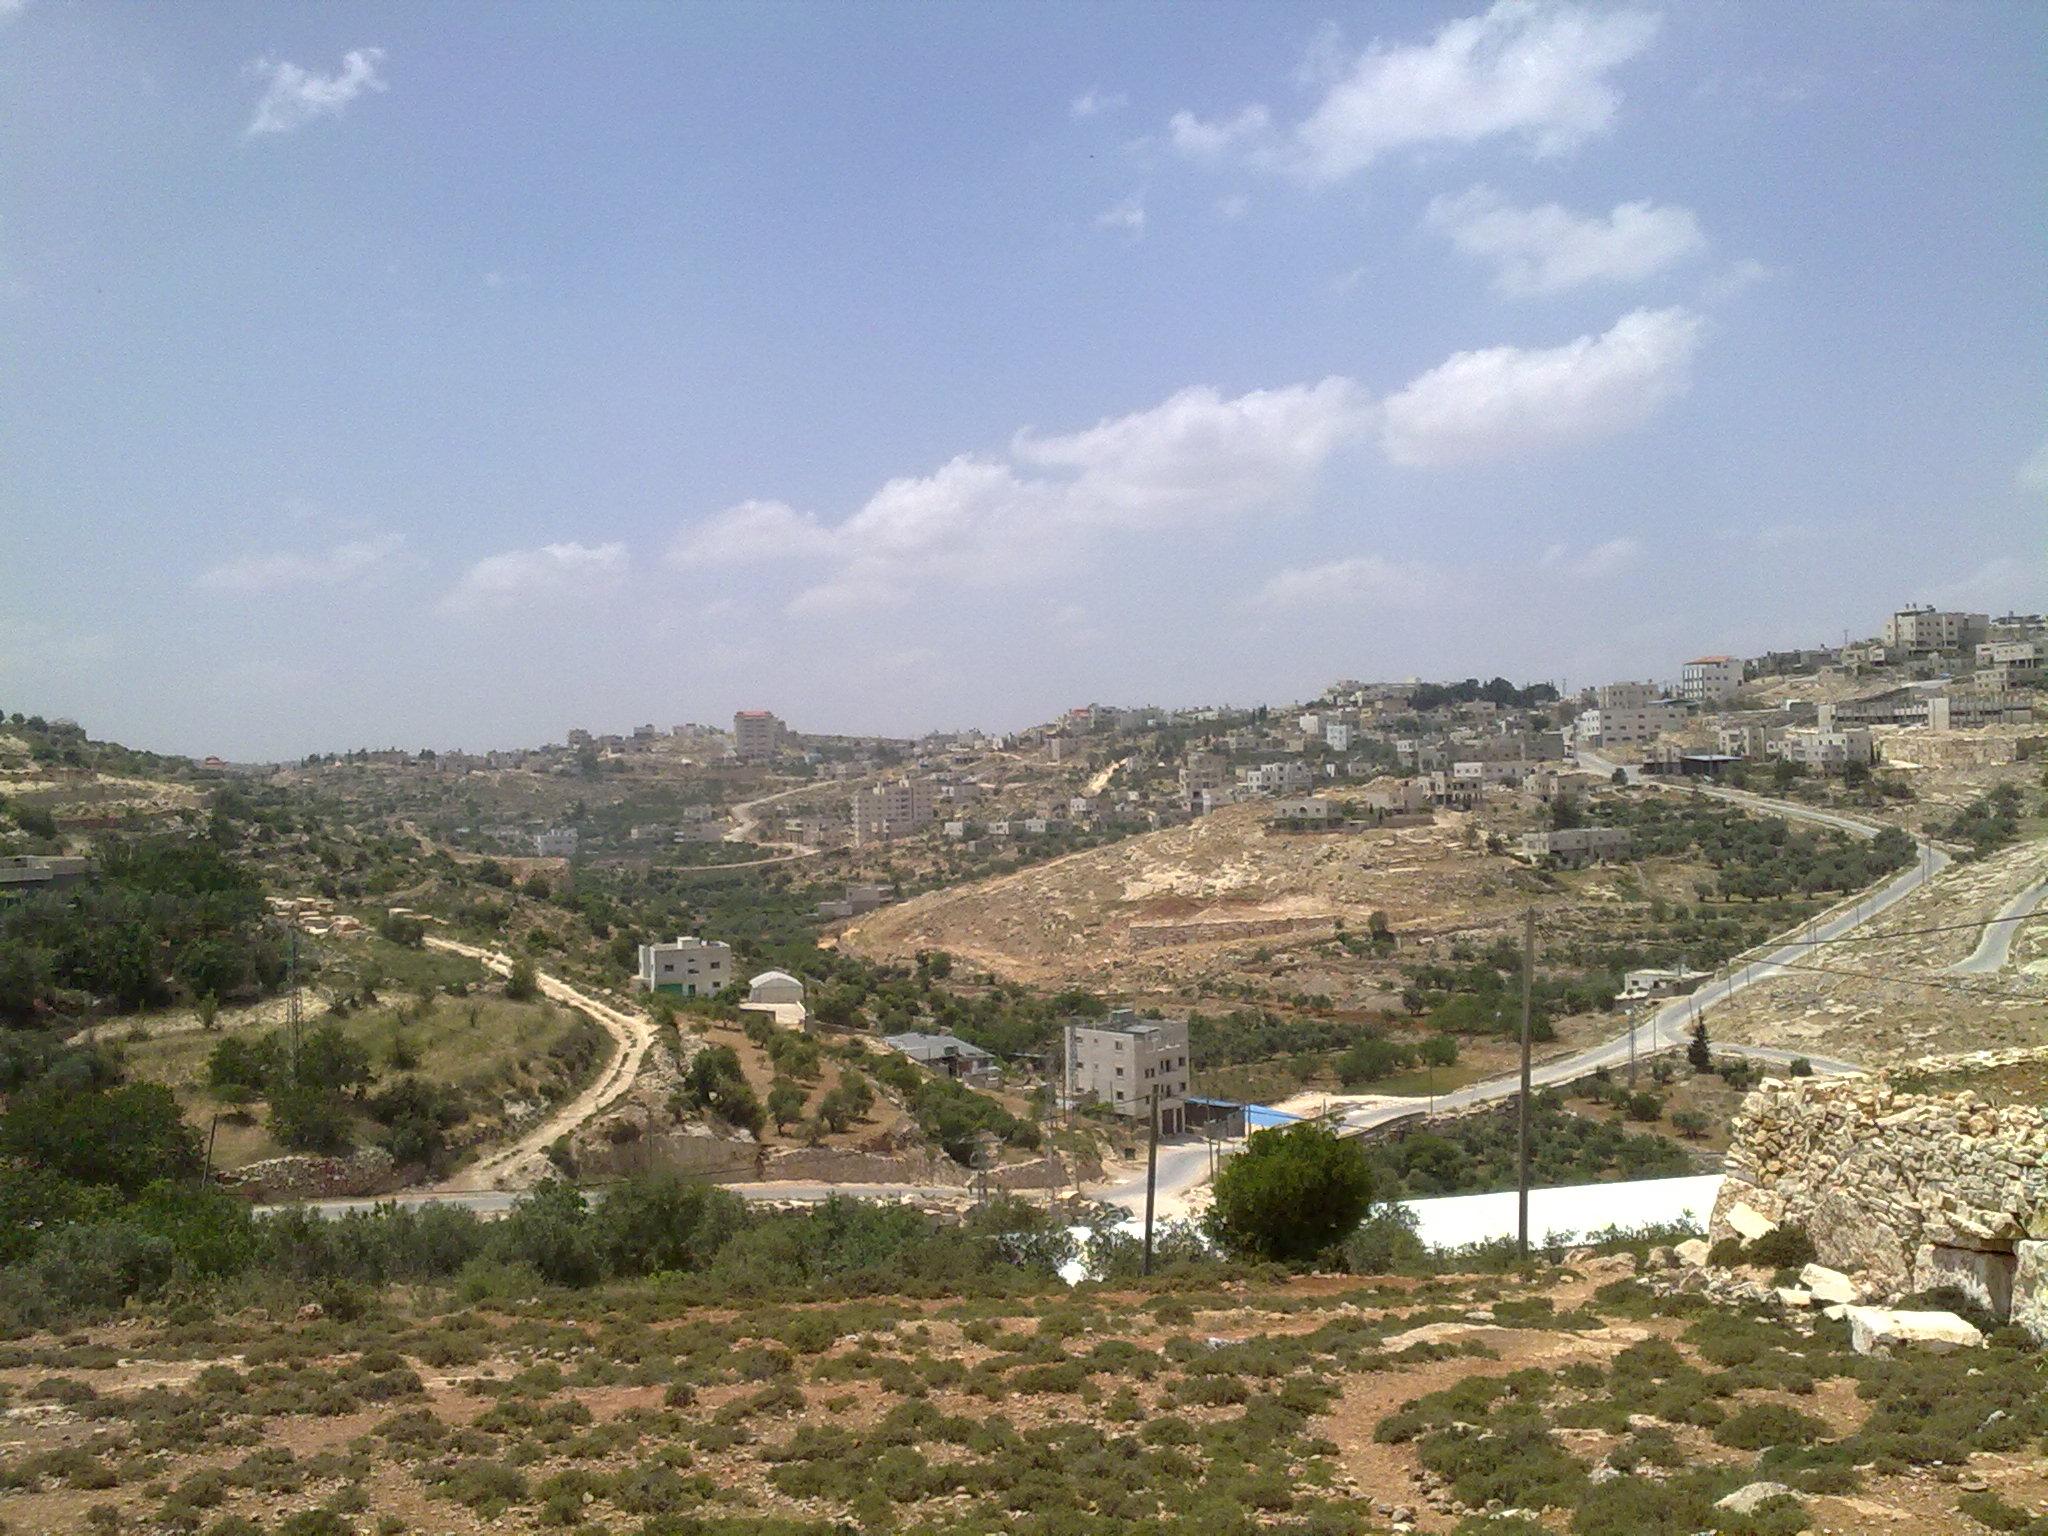 al-Shuyukh-الشيوخ: صوره من منطقه قفان خميس  للبلد